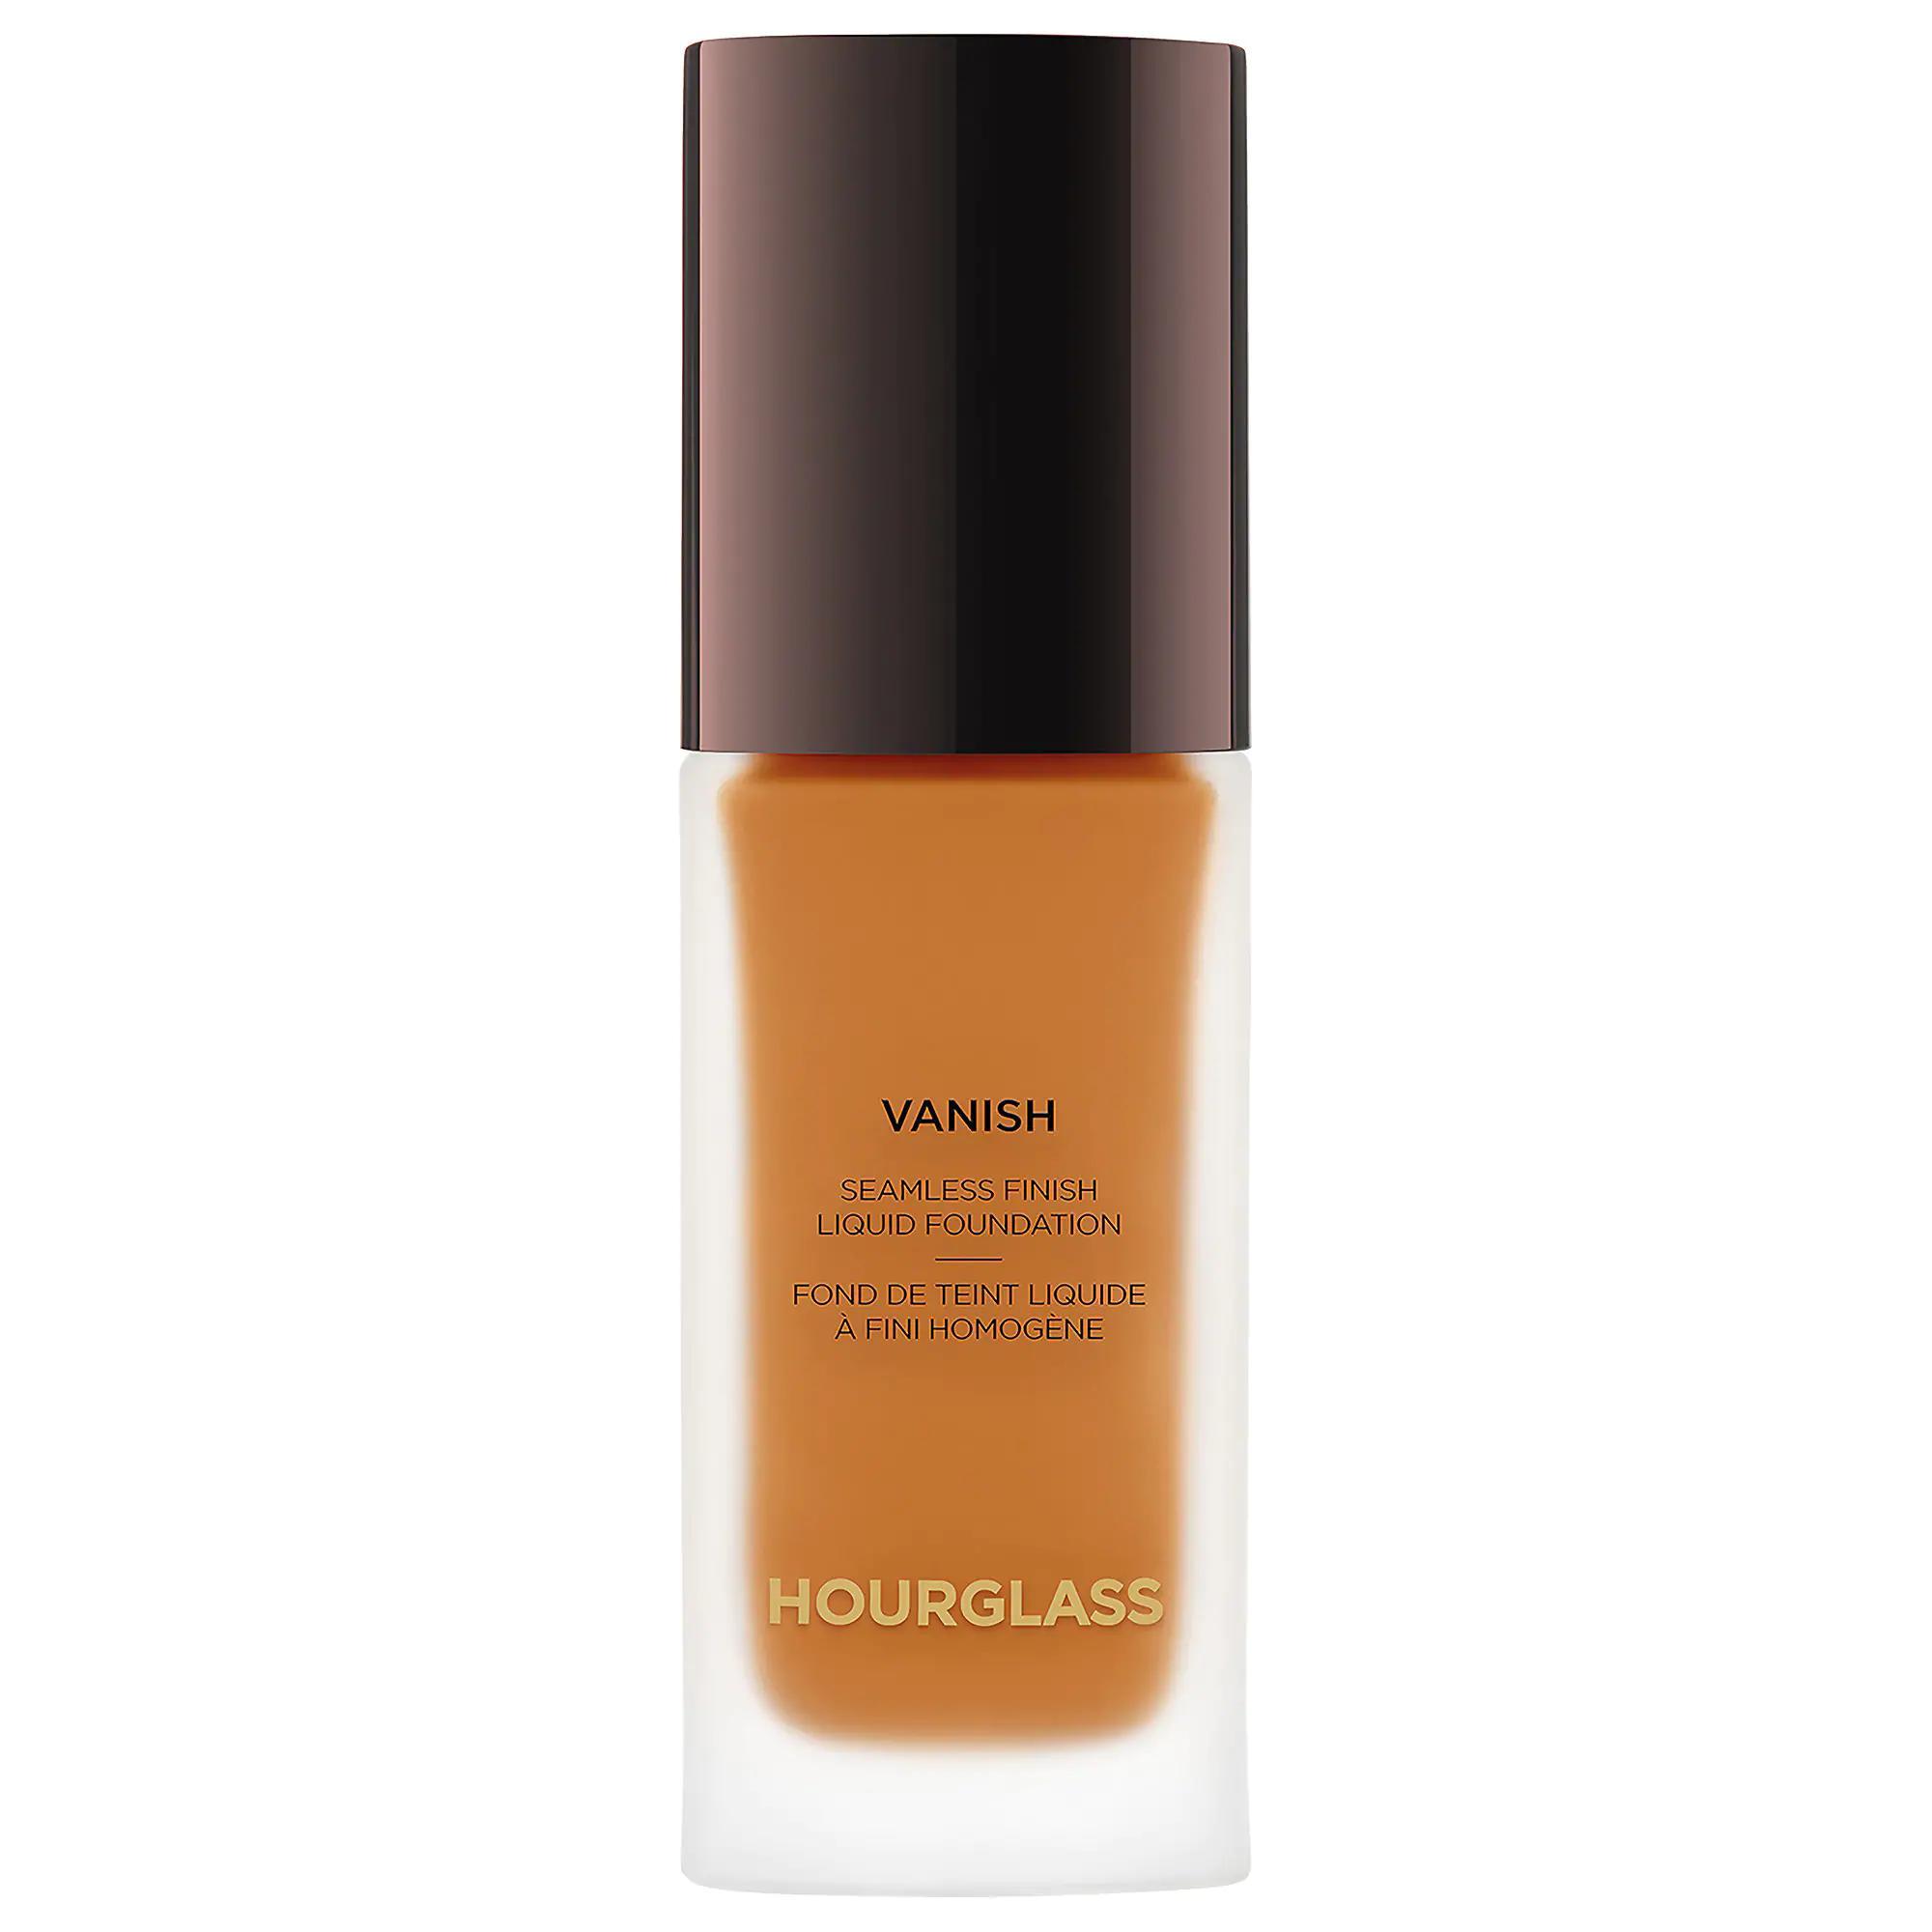 Hourglass Vanish Seamless Finish Liquid Foundation Natural Amber